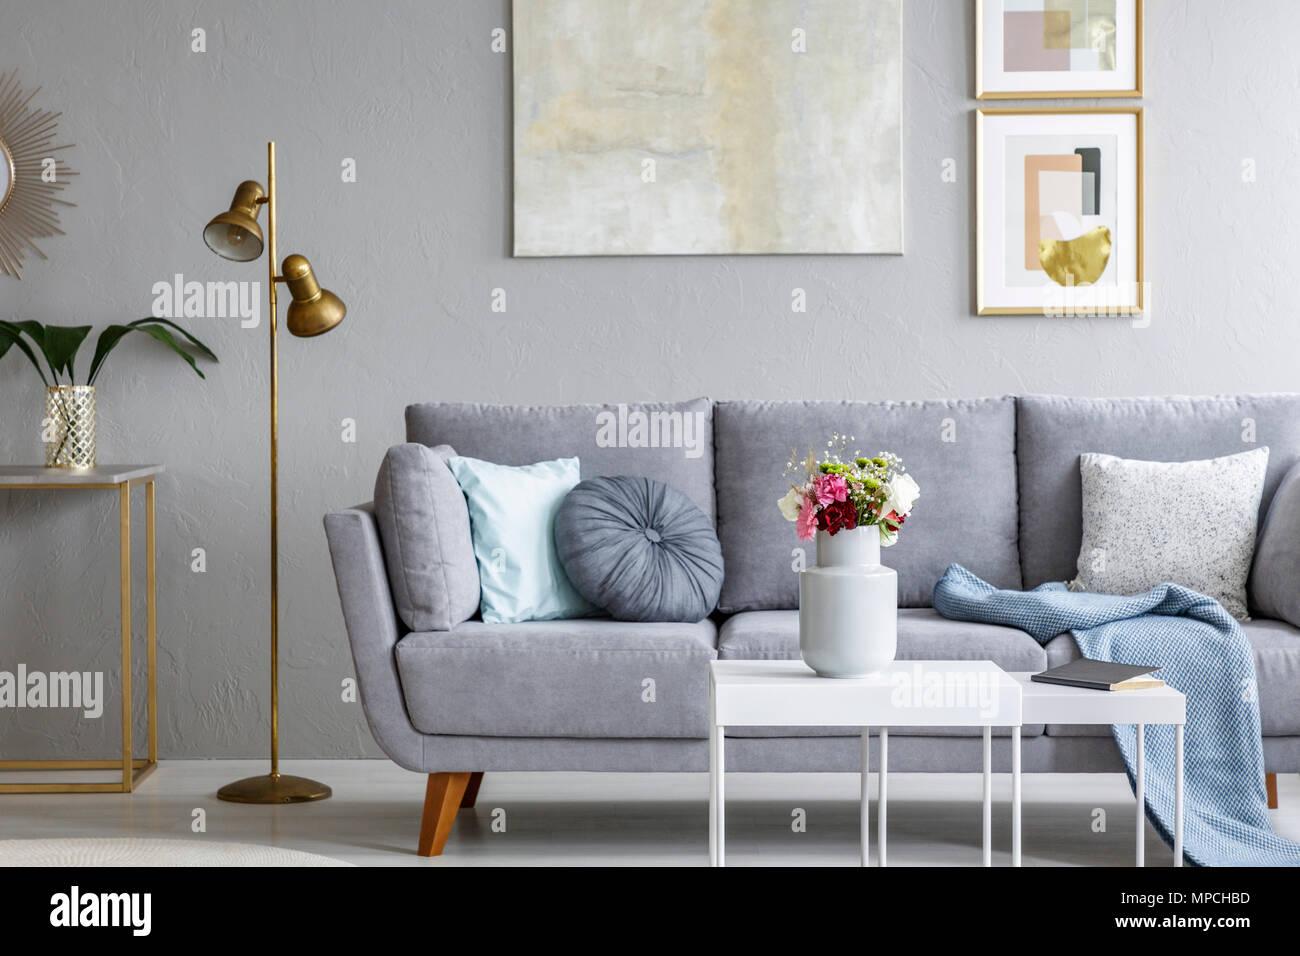 Oro lampada accanto al grigio divano nel soggiorno moderno interno ...